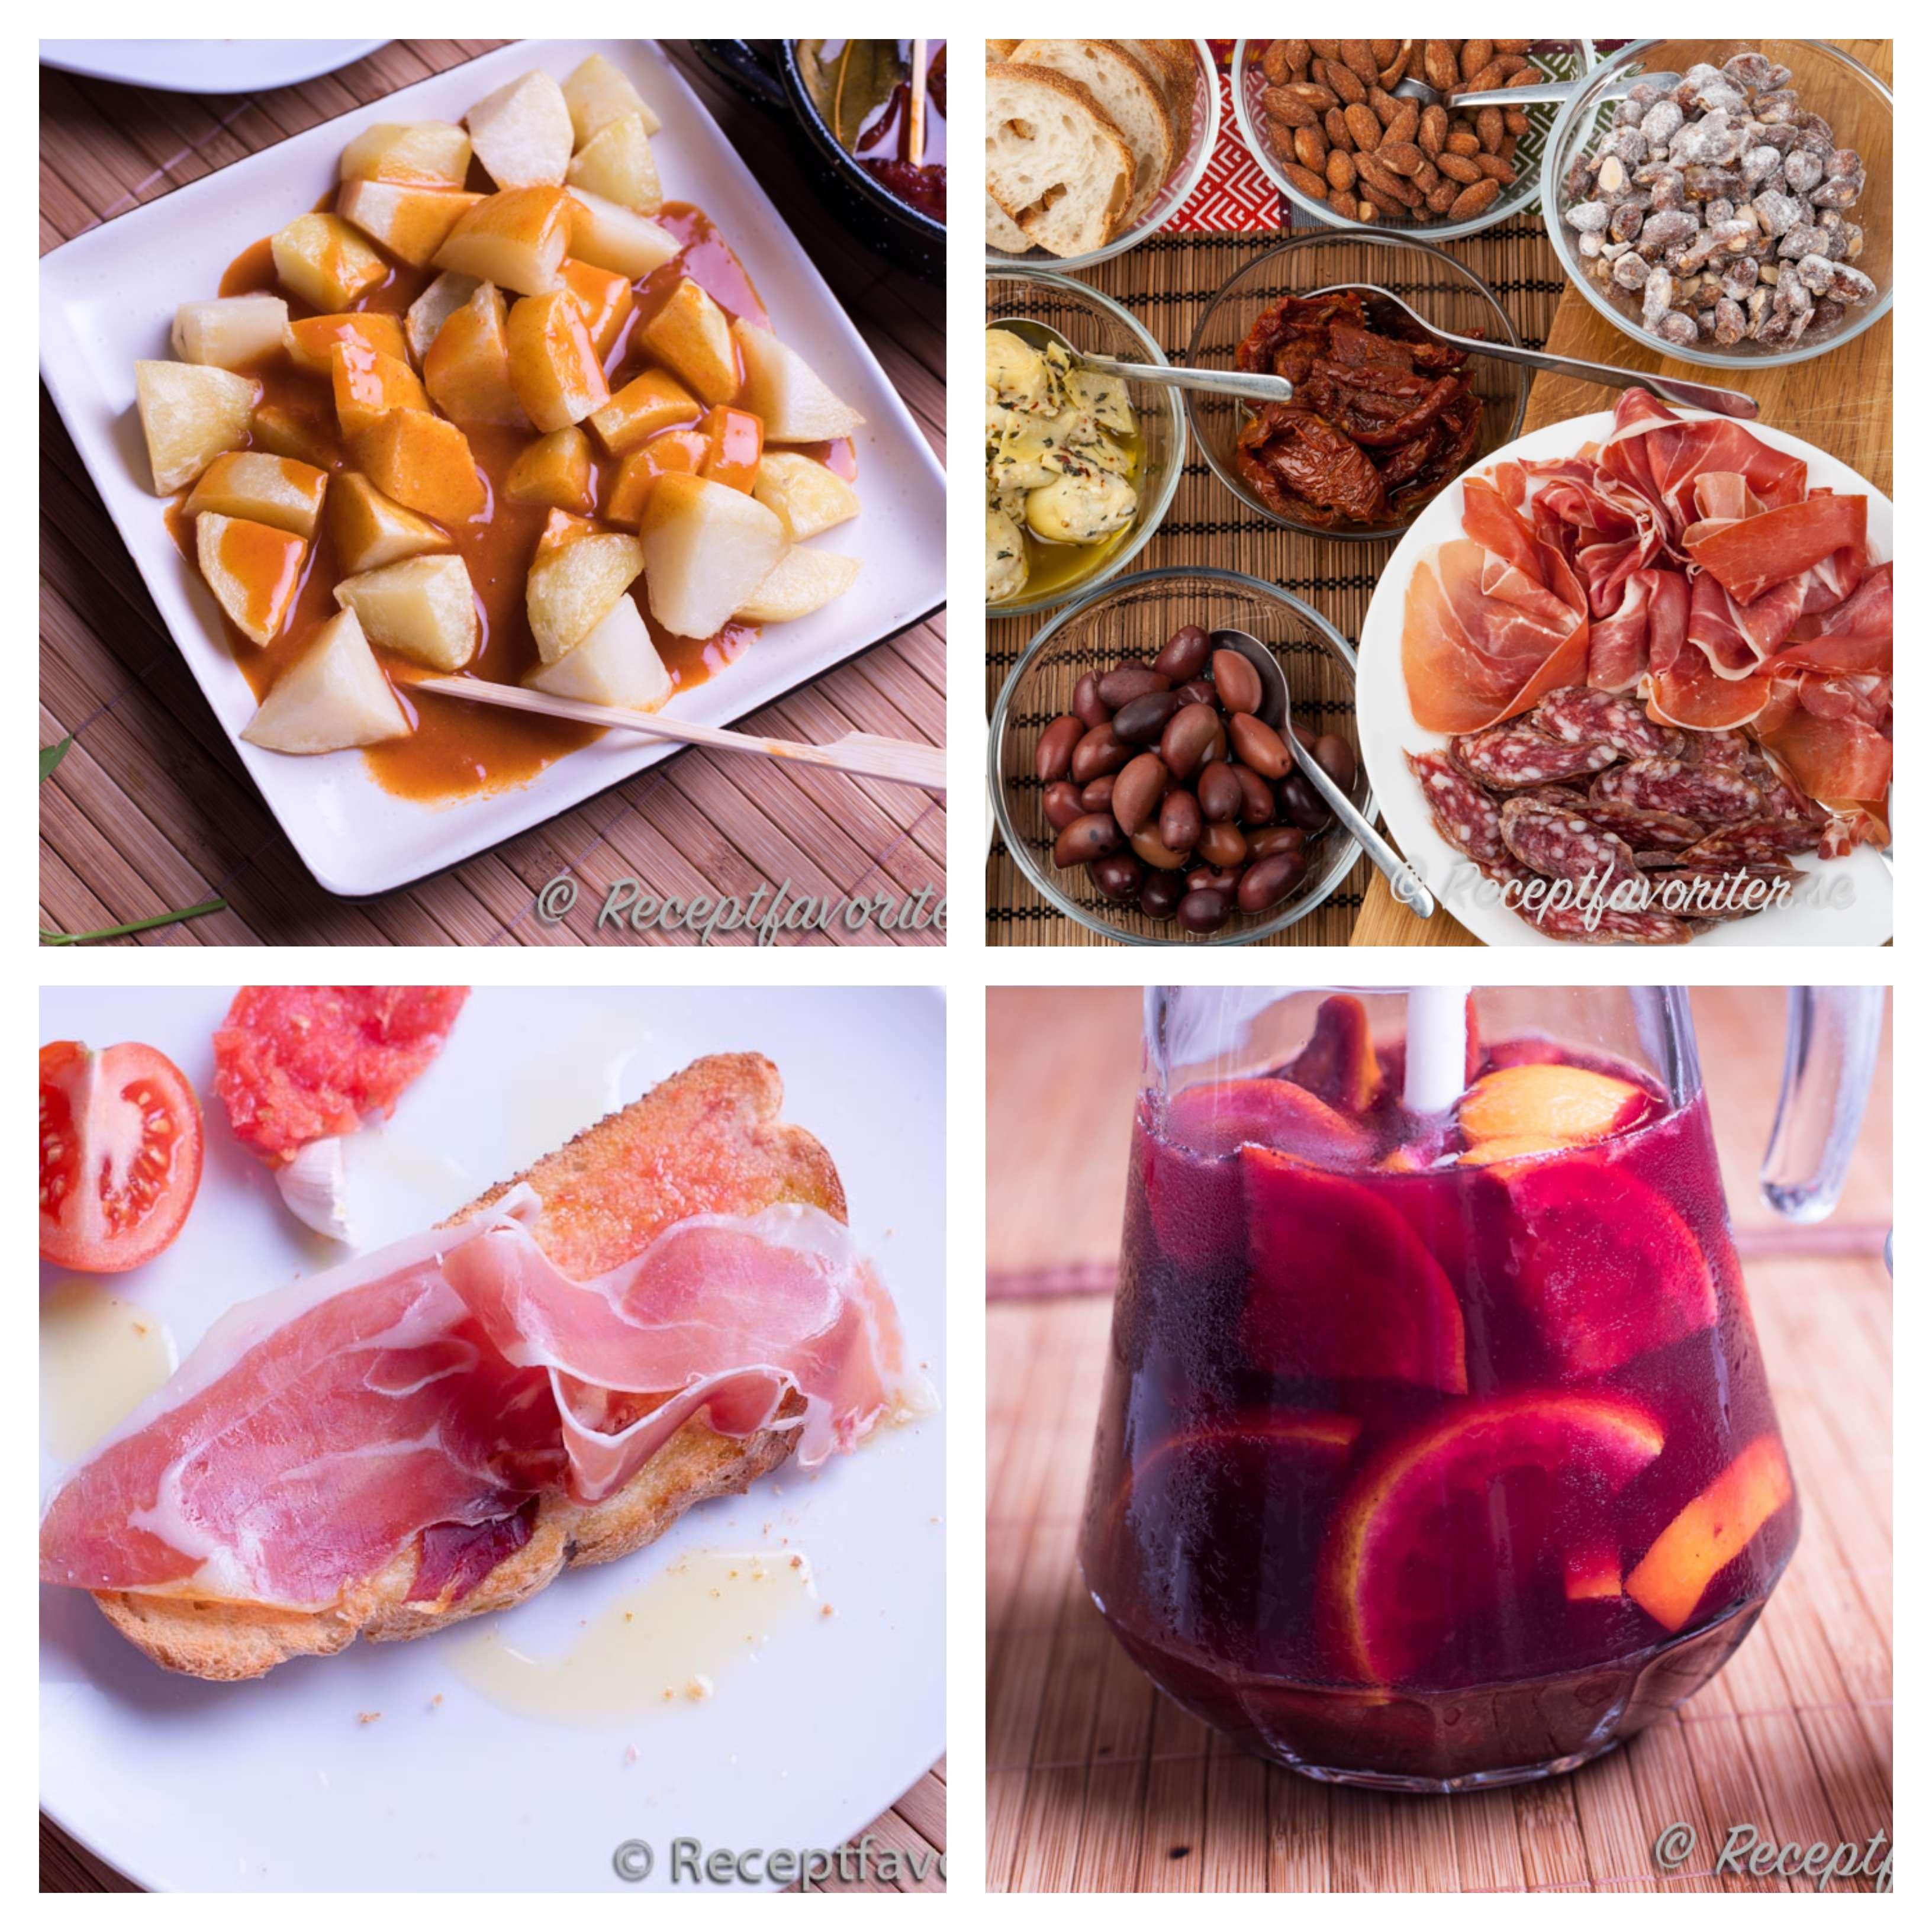 Enkla tapas, patatas bravas, sangria och pan con tomate.